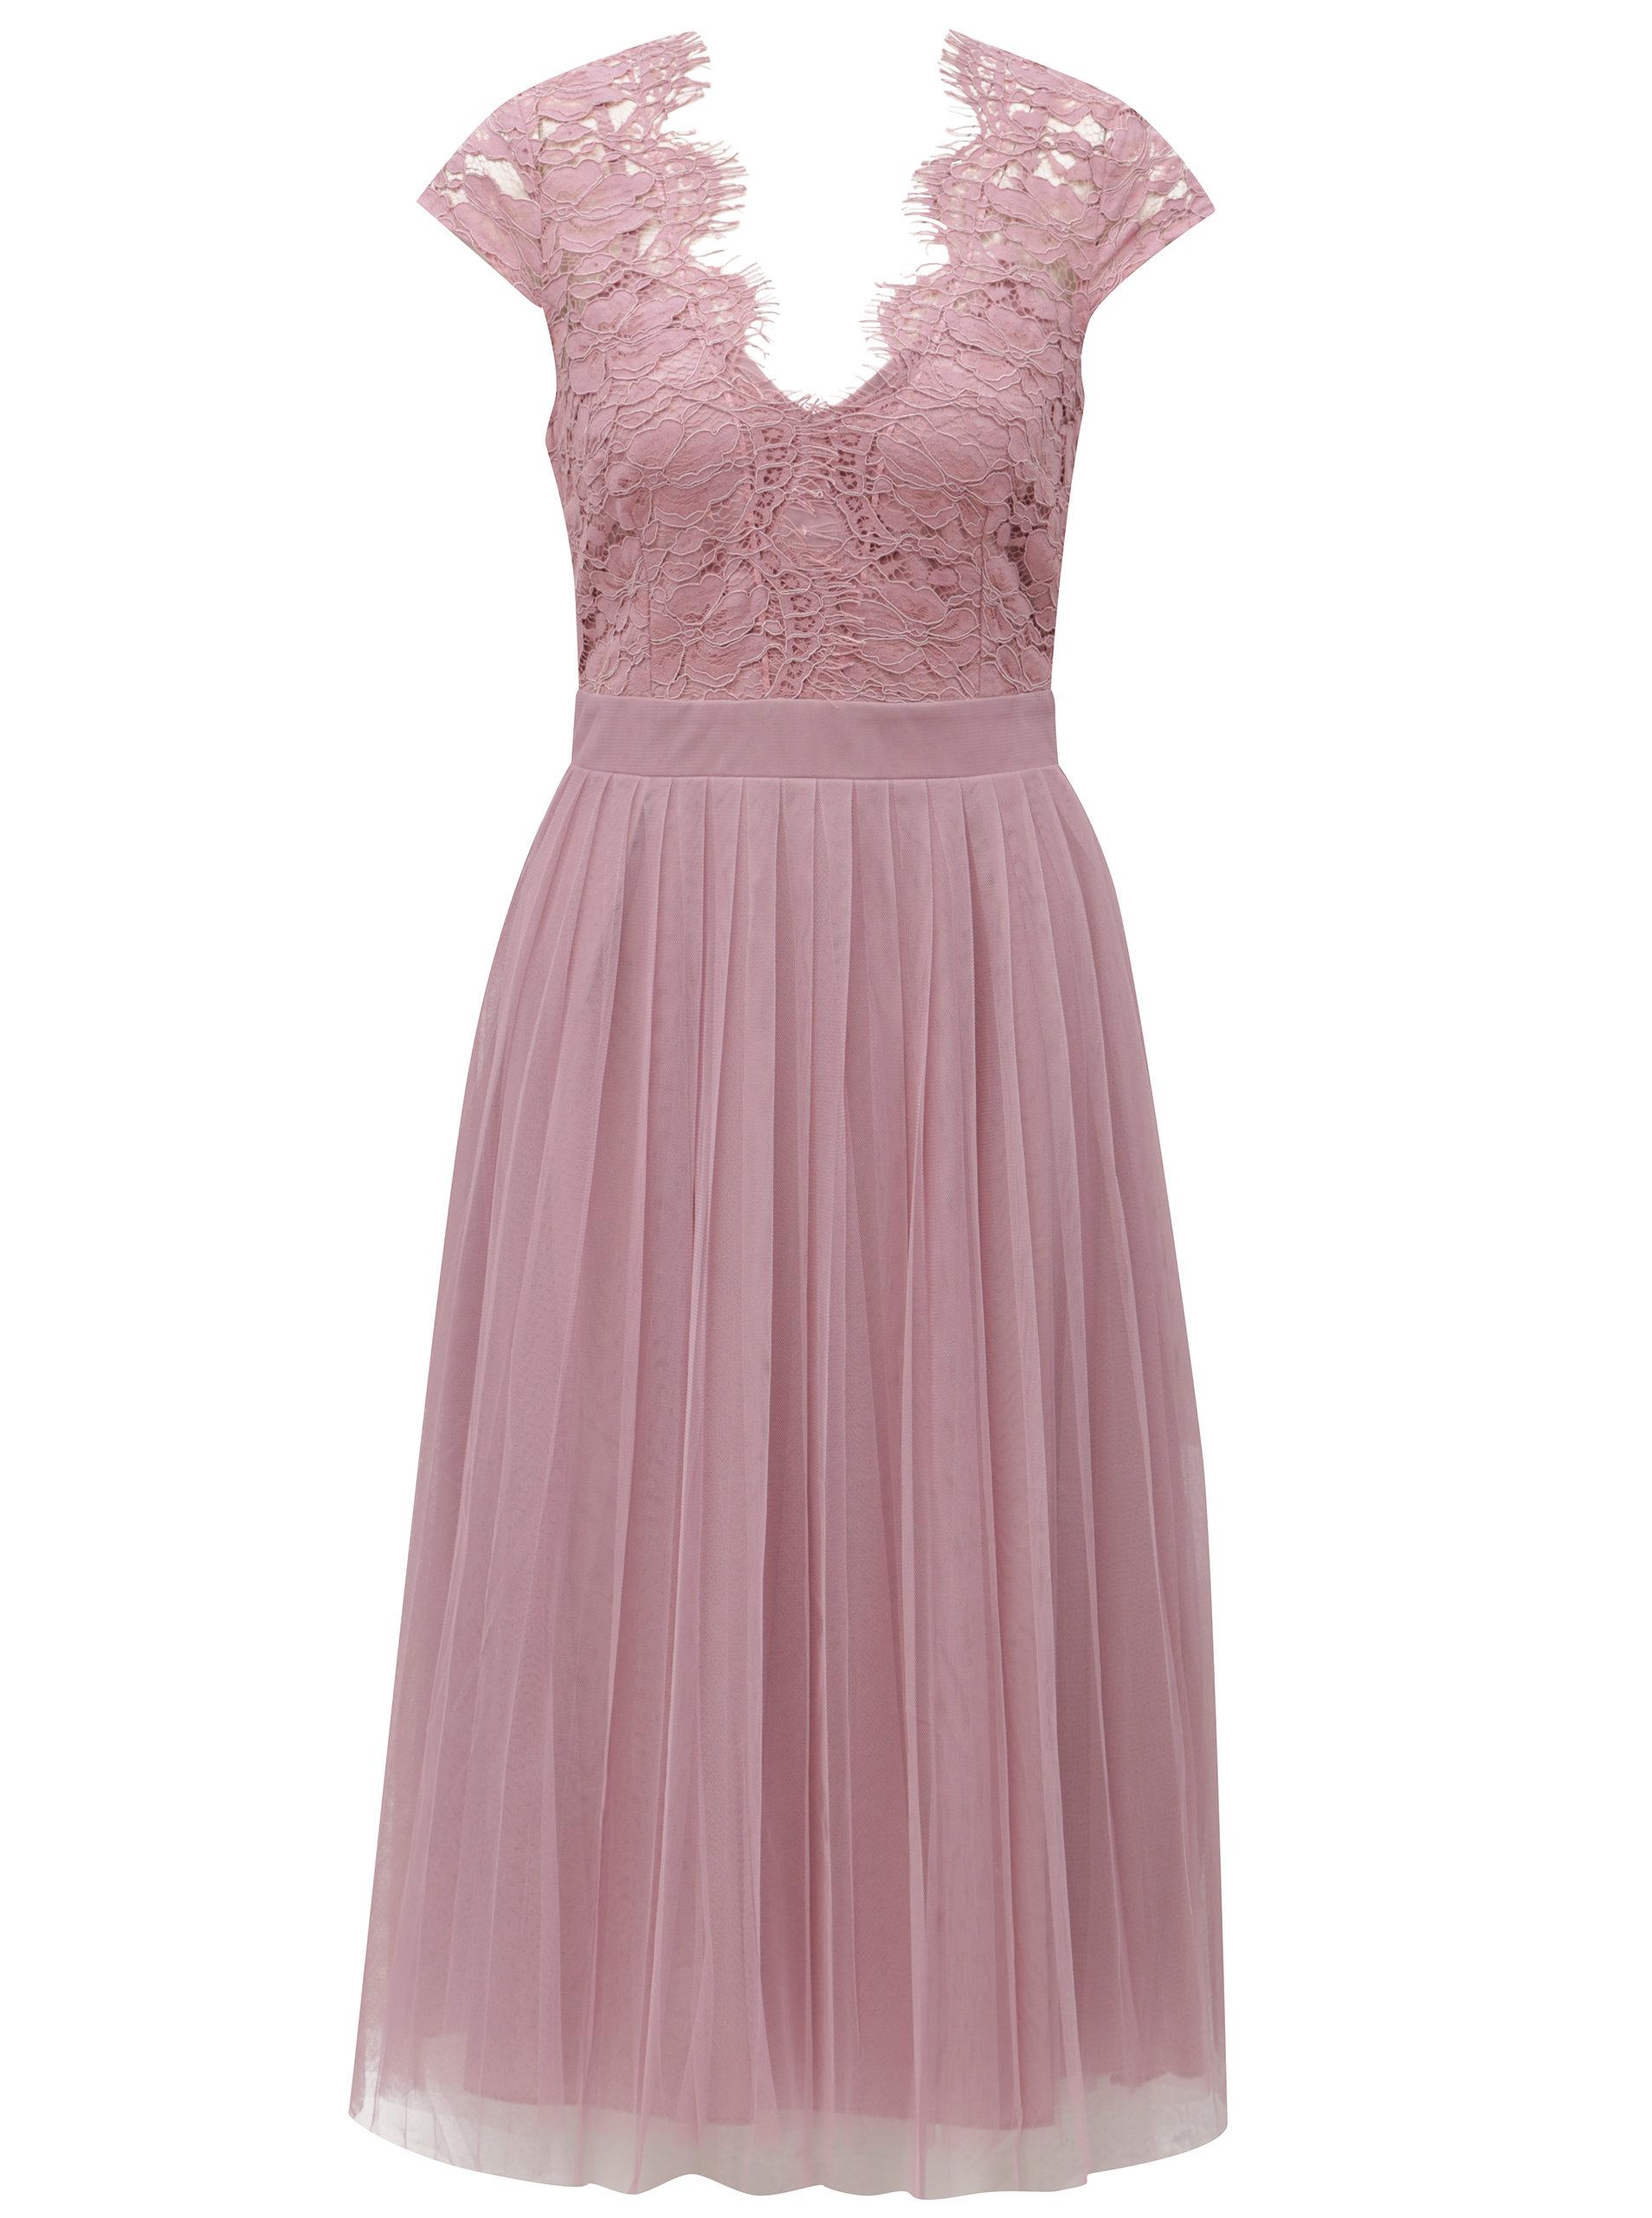 f24bf96058b5 Staroružové šaty s tylovou sukňou Little Mistress ...